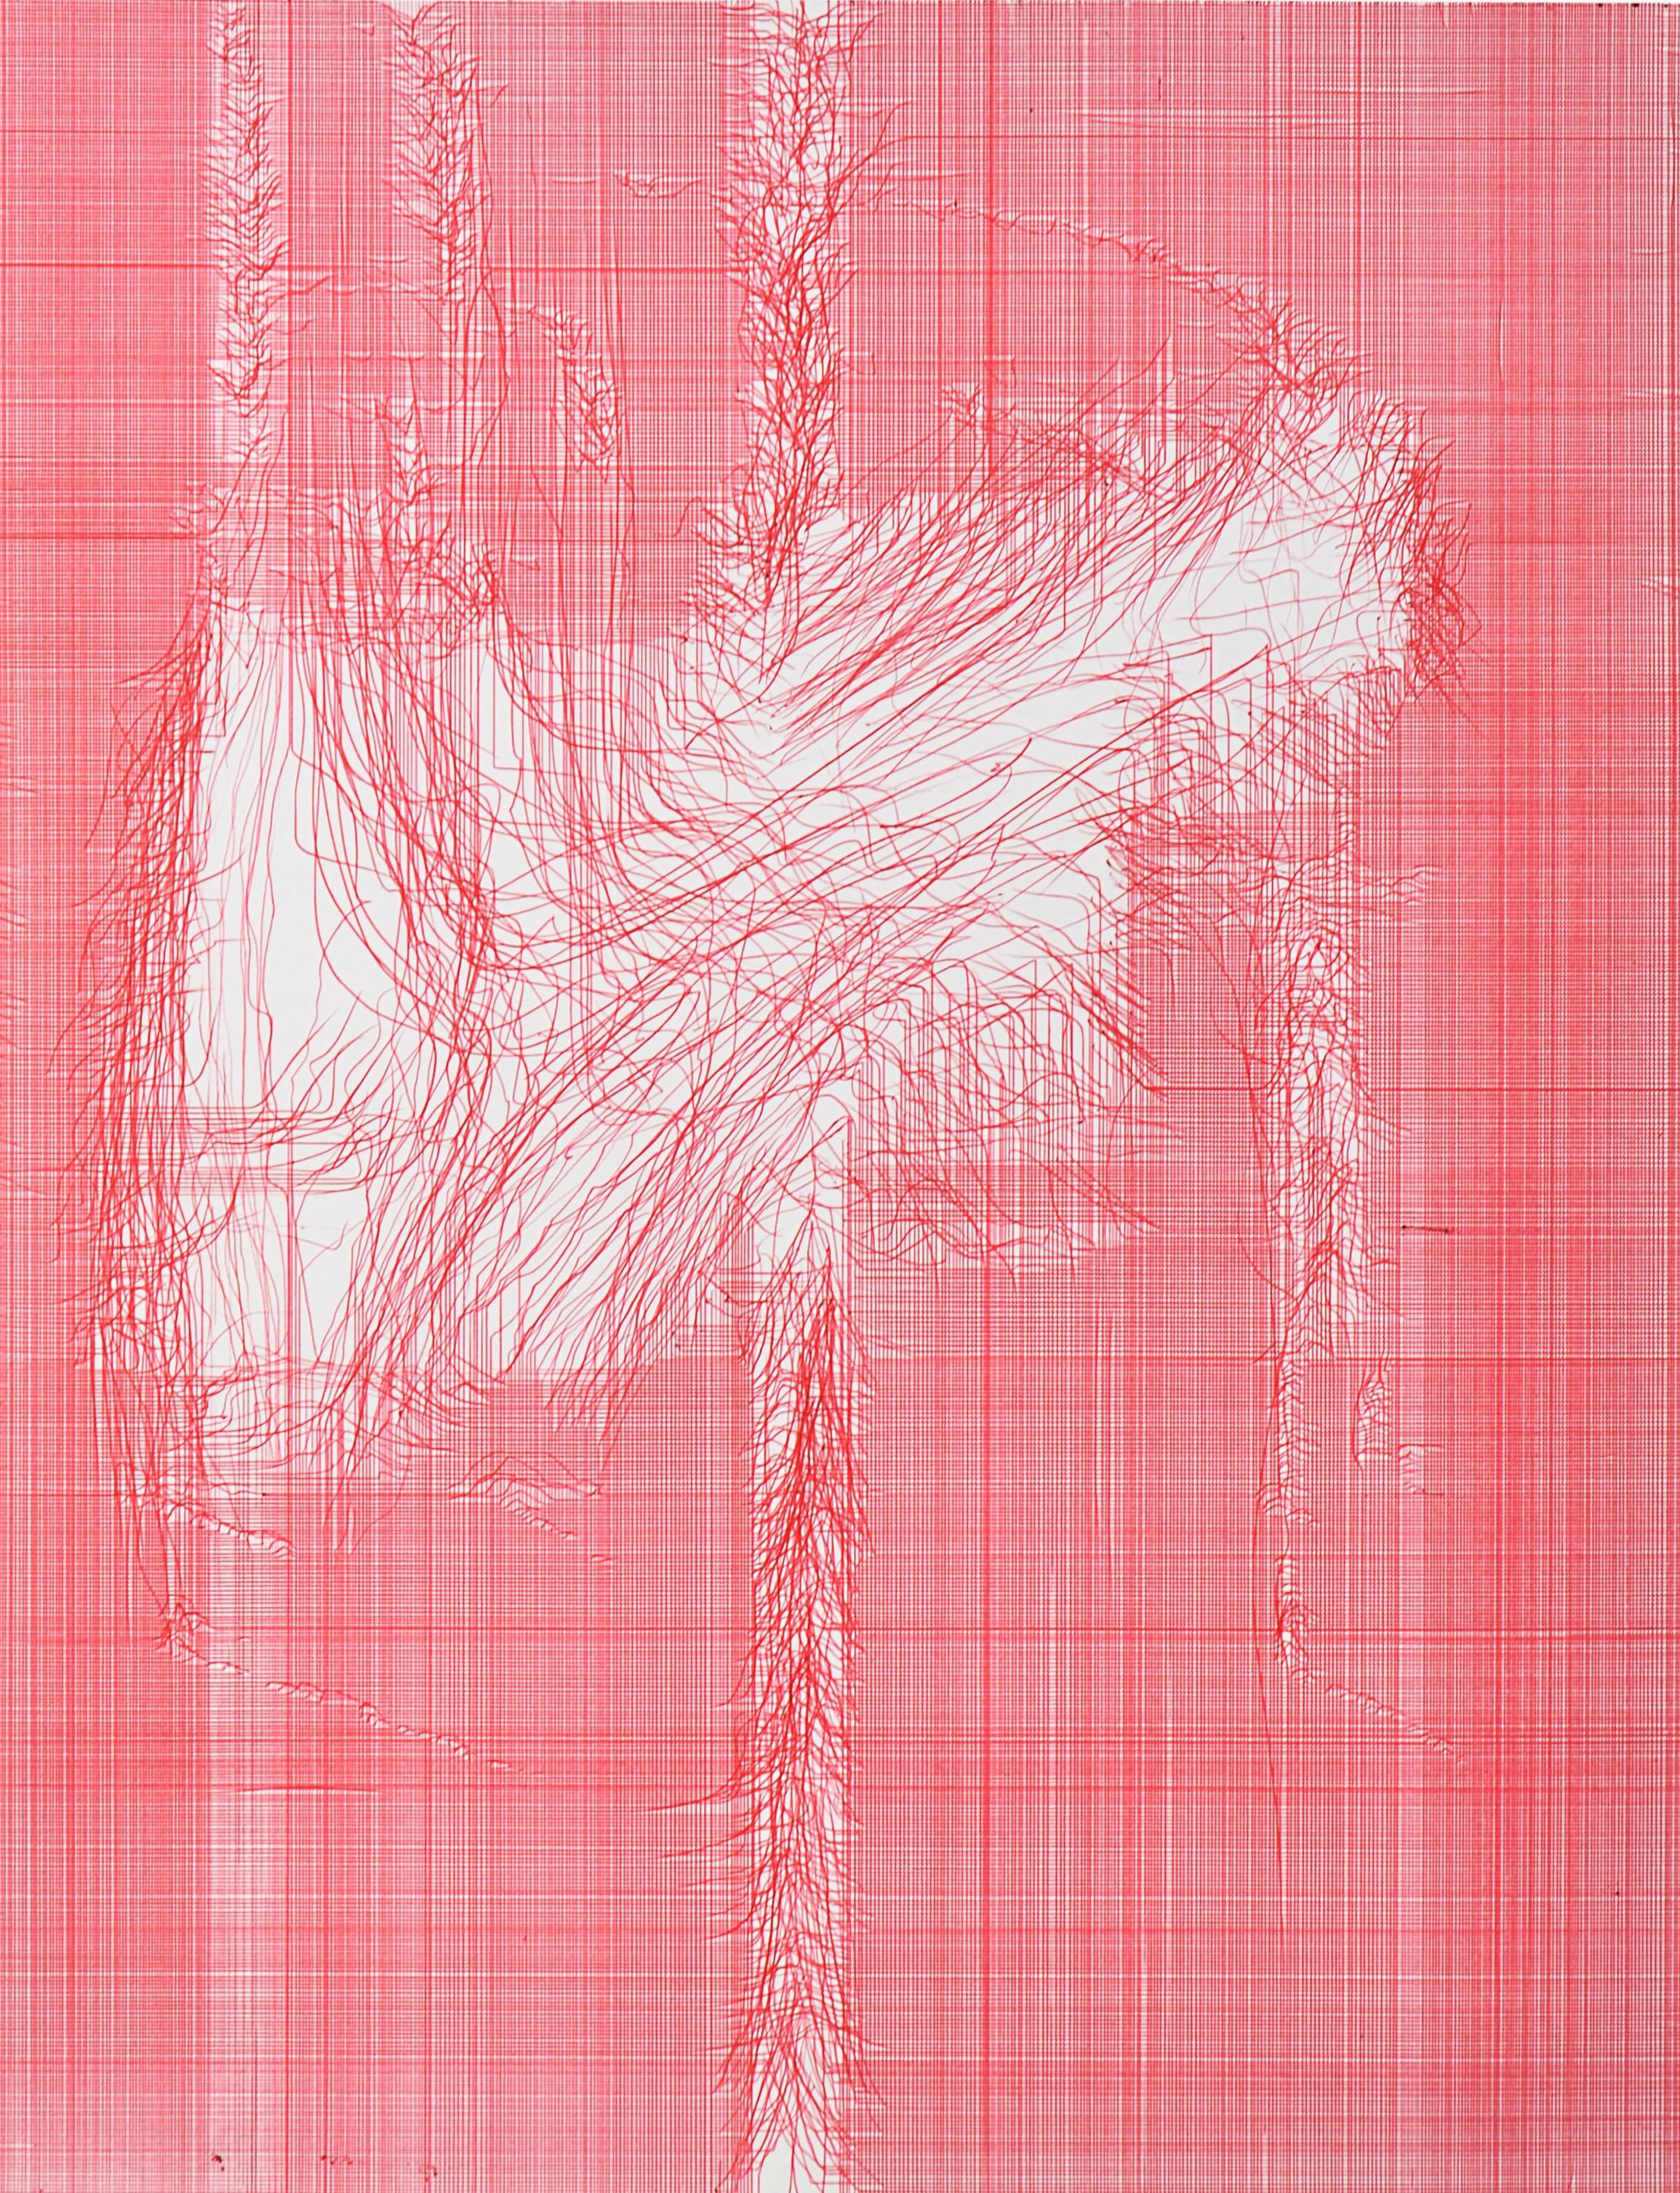 Arcangelo Corelli, Kugelschreiber auf Karton, 65 x 50 cm, 2012, Galerie Carolyn Heinz